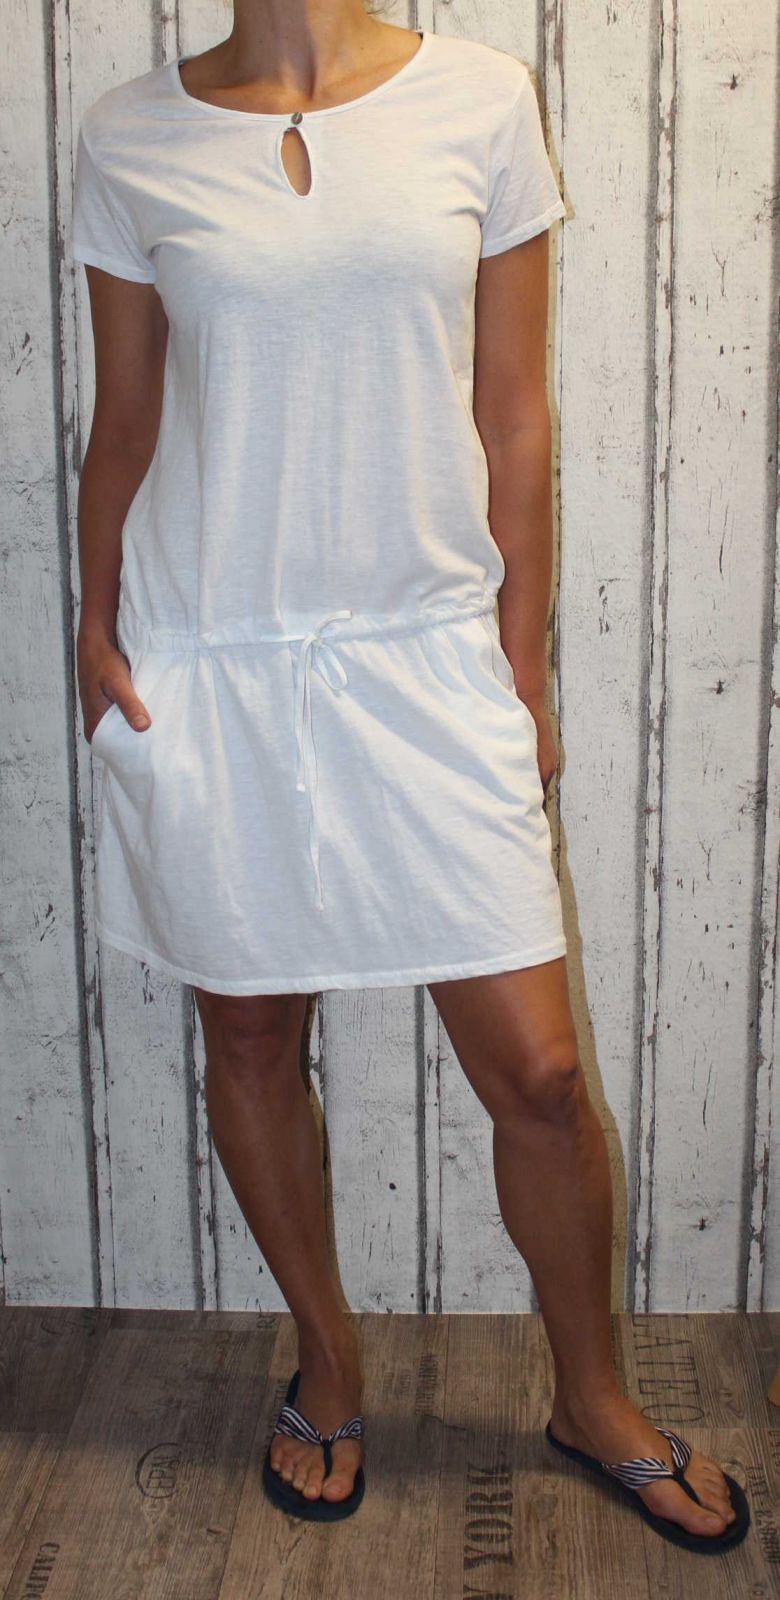 Dámské letní šaty, plážové šaty, dámská tunika, pohodlné šaty